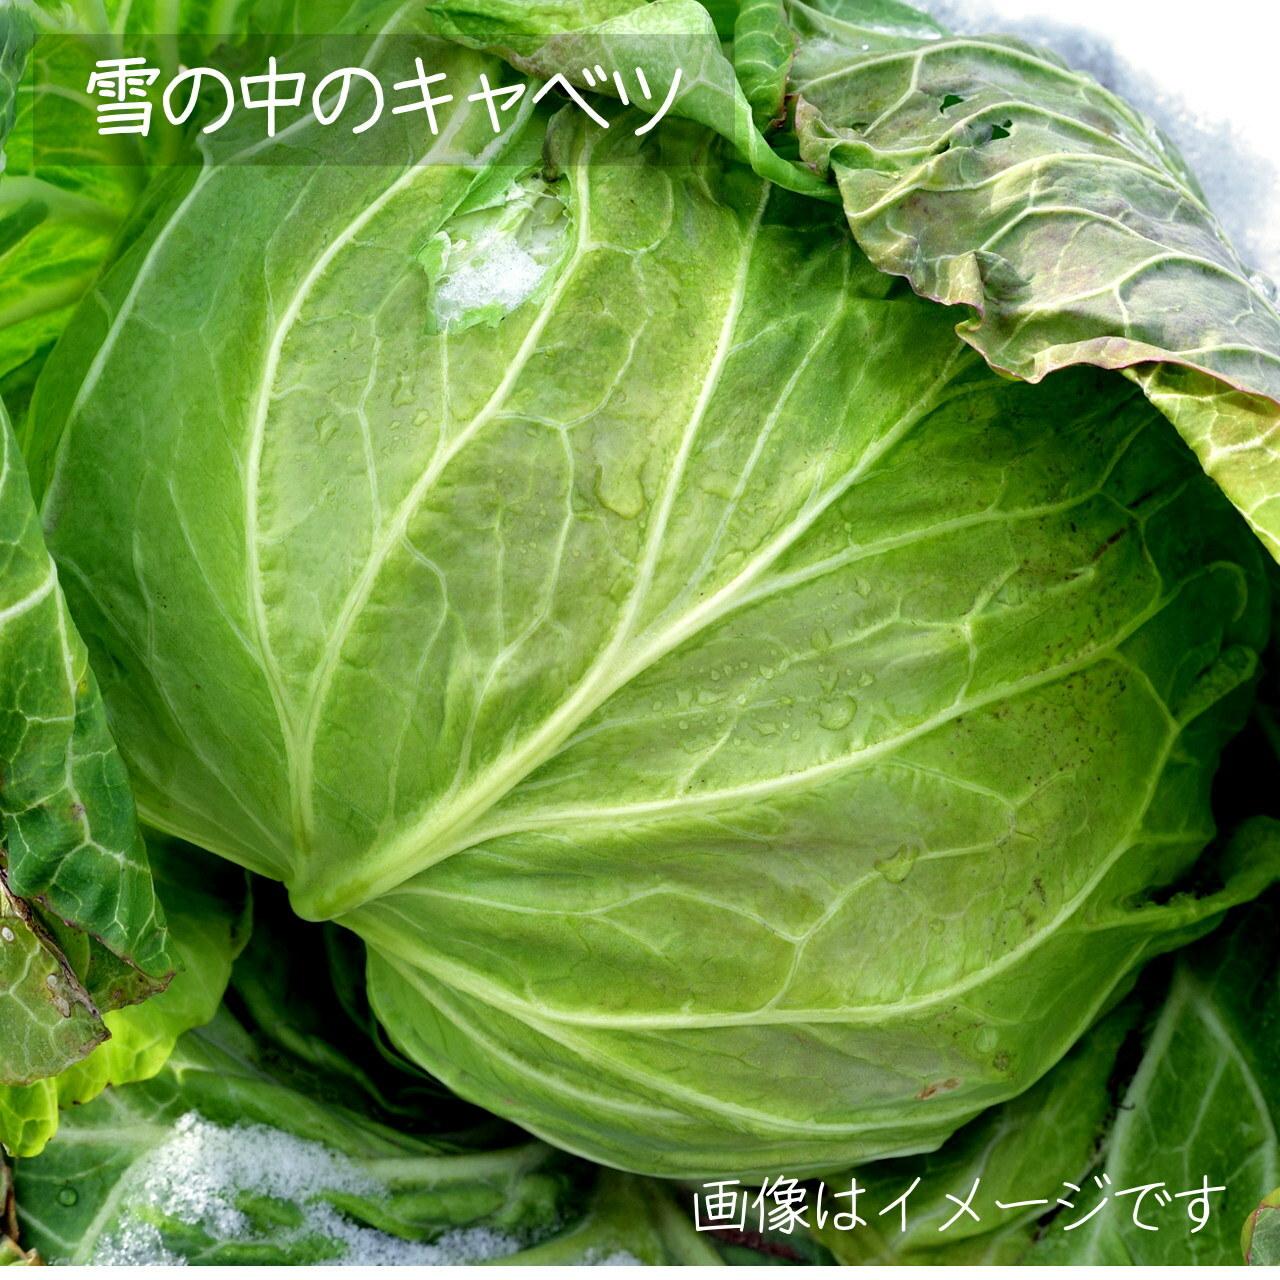 10月の朝採り直売野菜 : キャベツ 1個 新鮮な秋野菜 10月5日発送予定